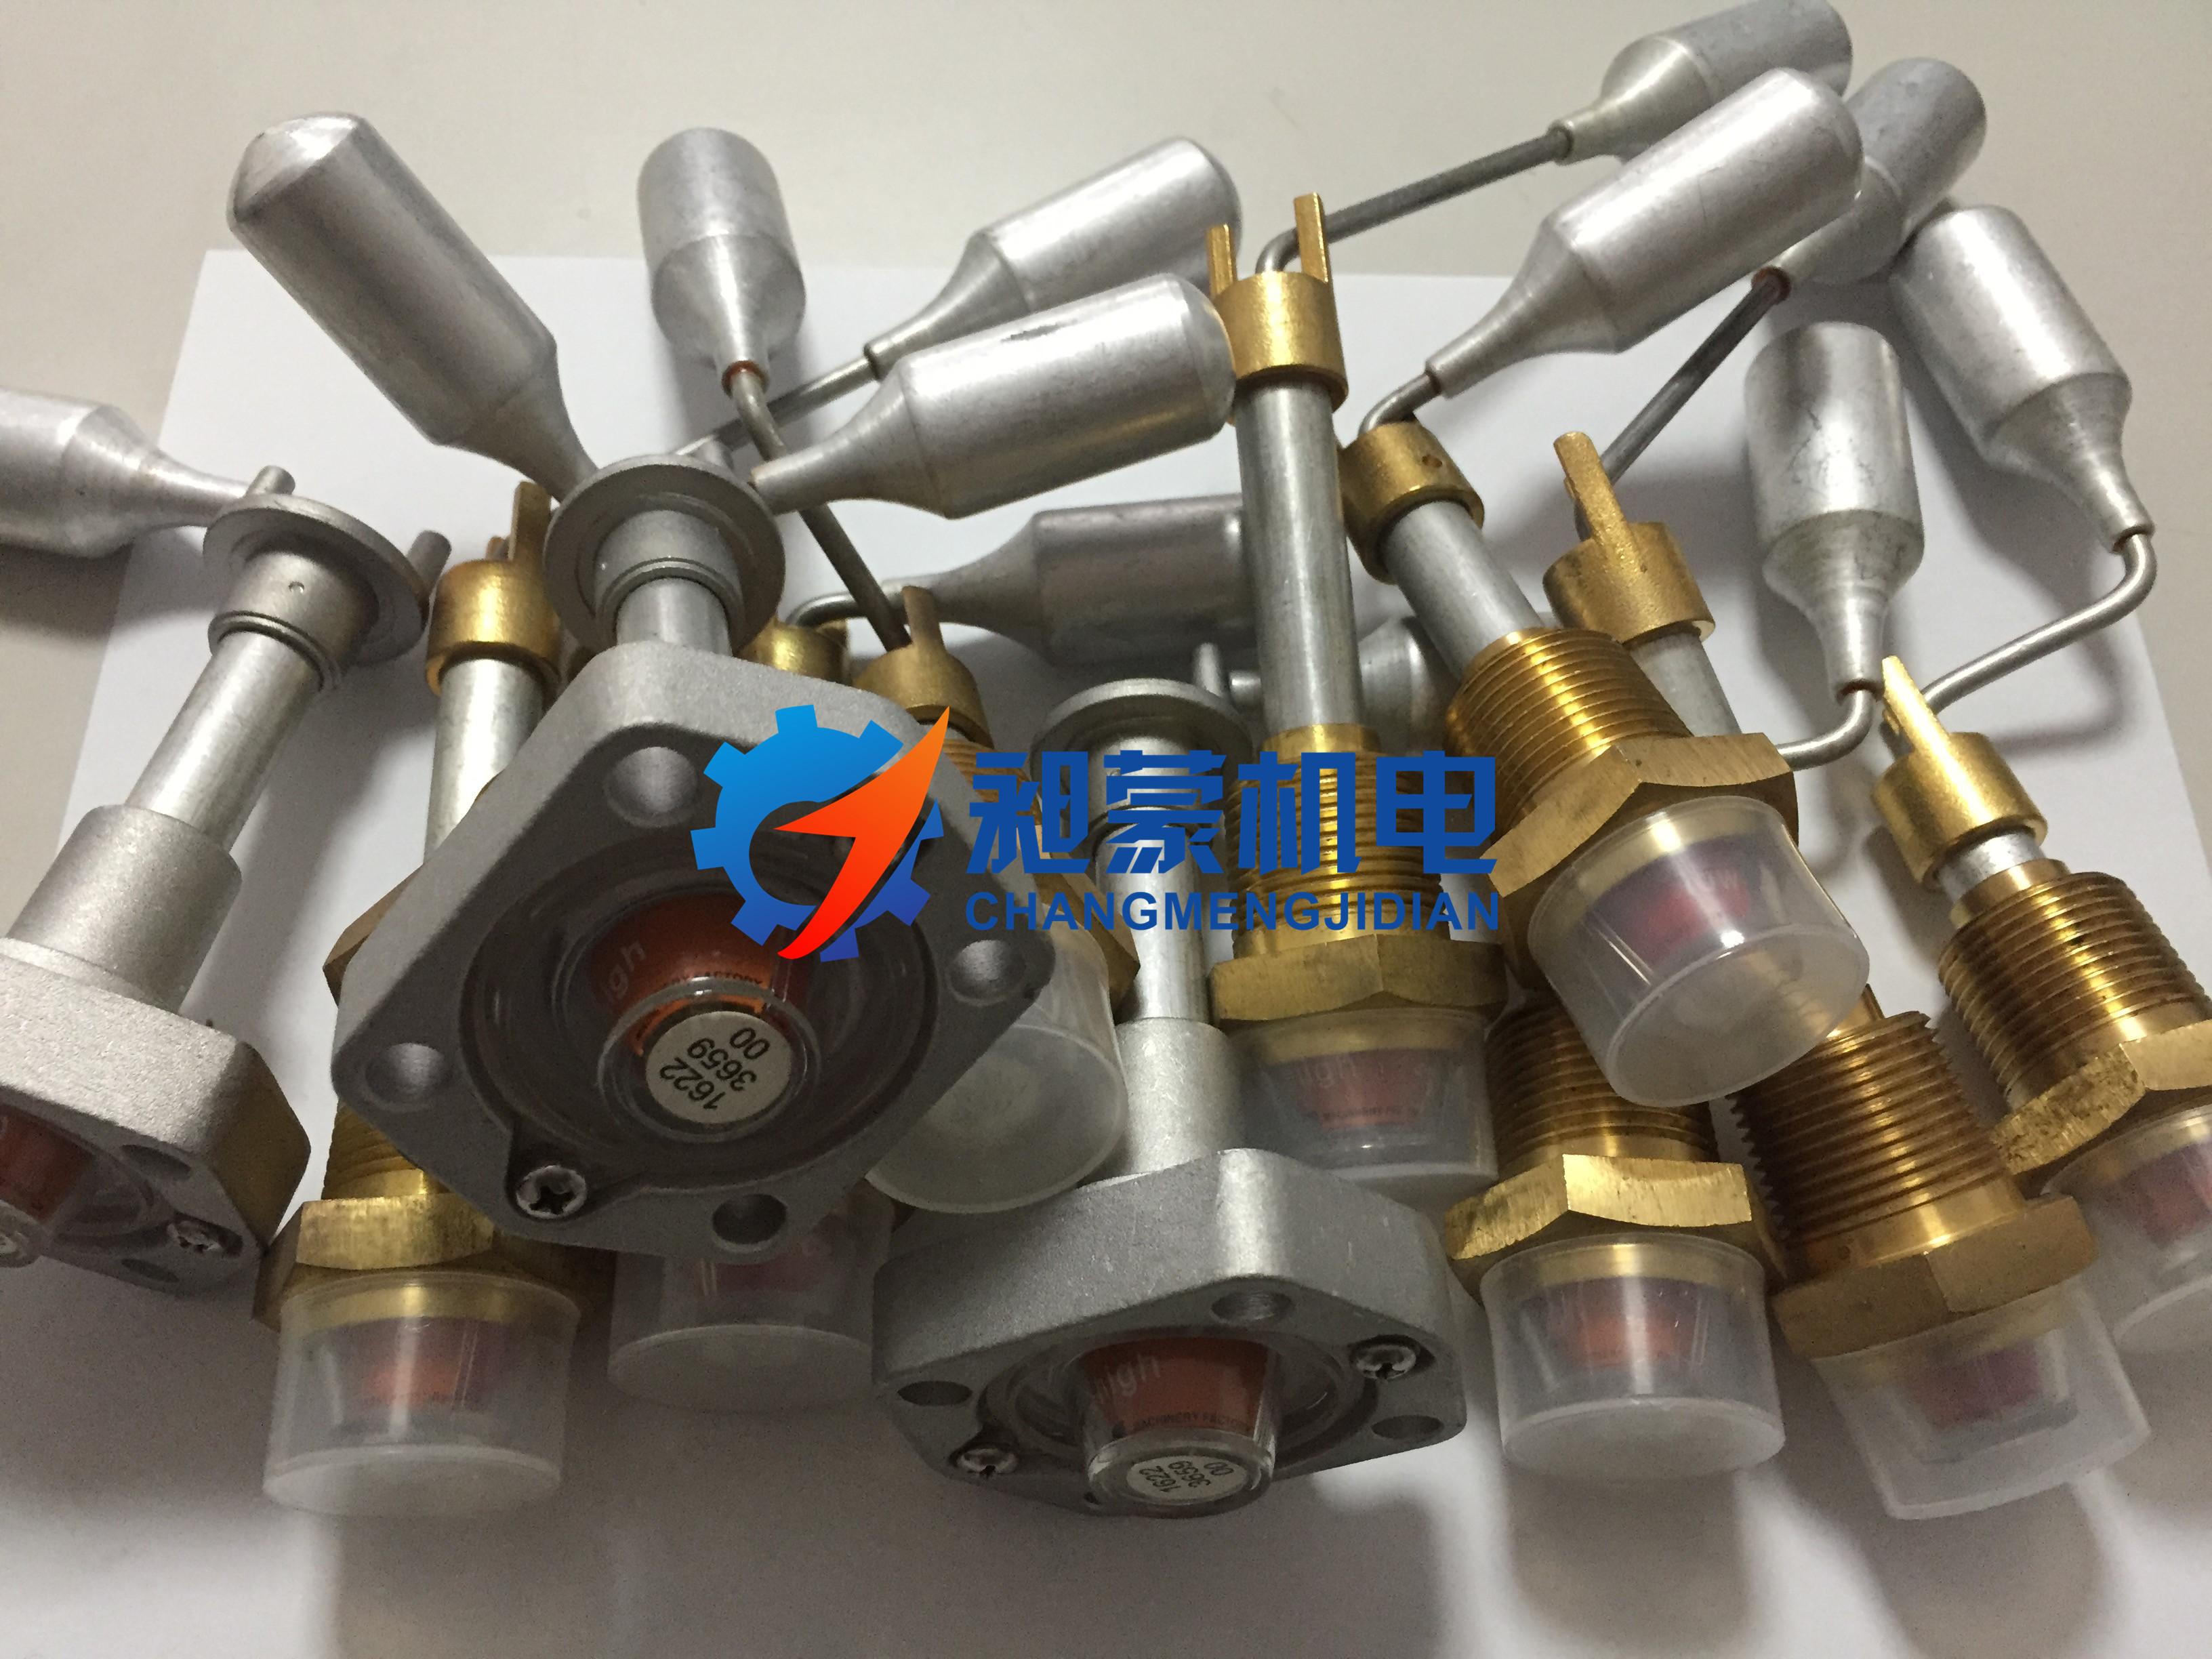 英格索兰,oem件,其他品牌螺杆机,冷却散热器,螺杆机主机,进气阀(卸荷图片